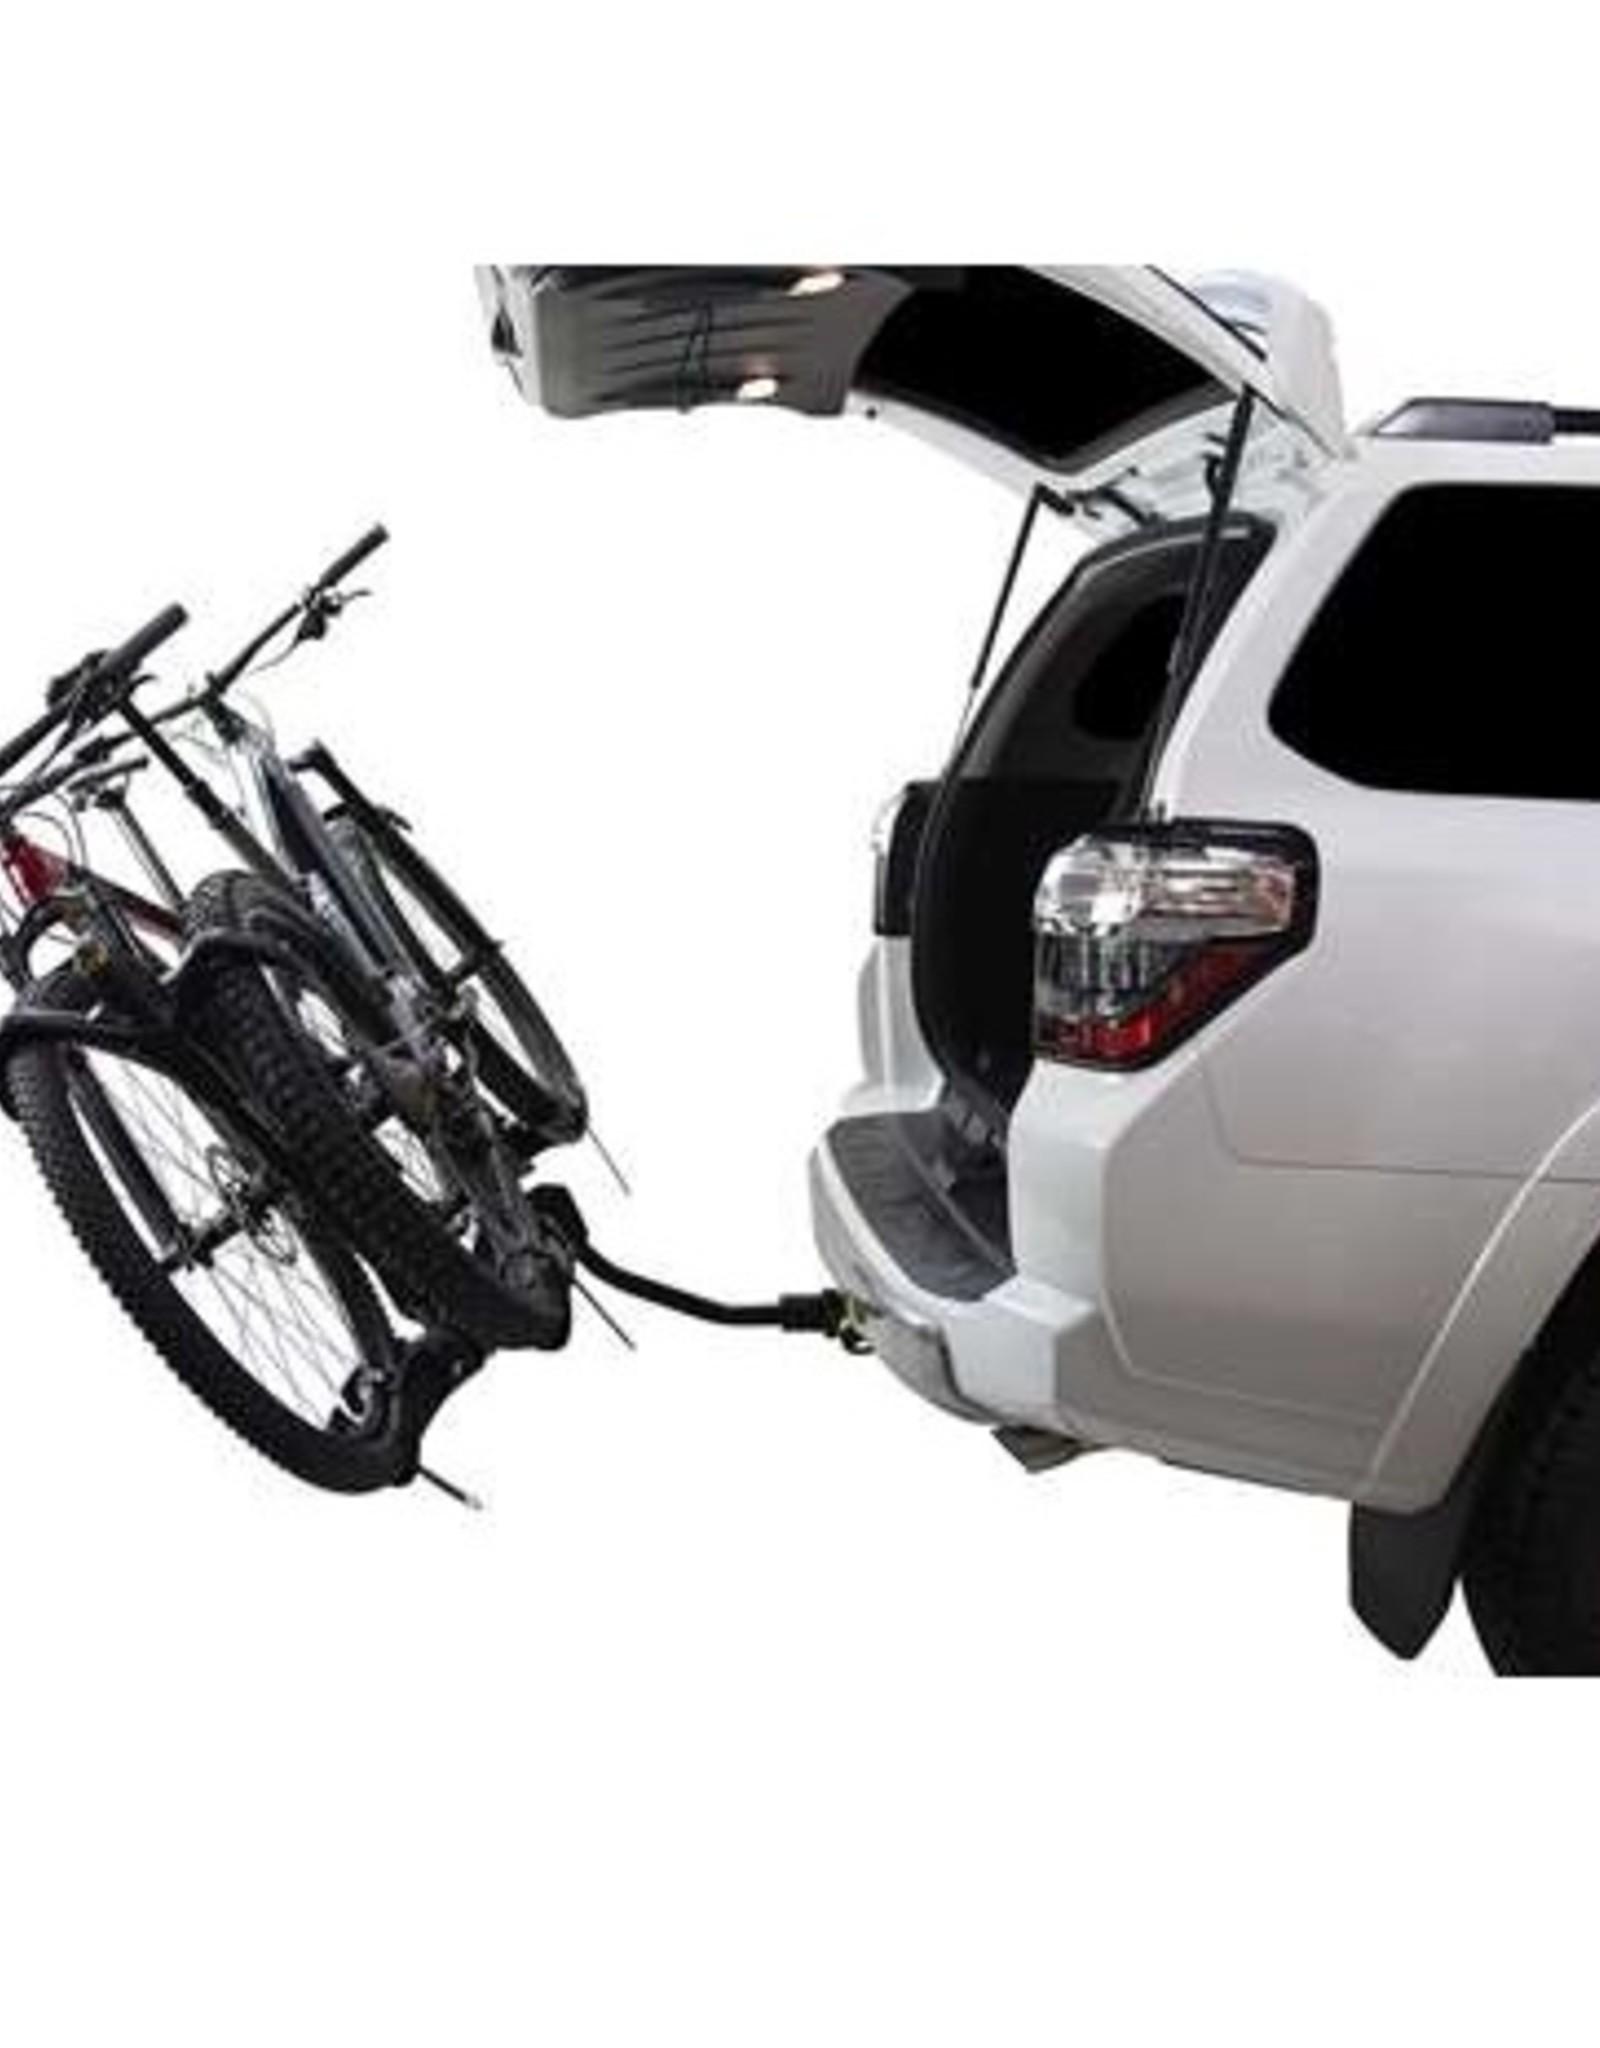 Saris Car Rack - Saris SuperClamp EX- 2 Bike Tray